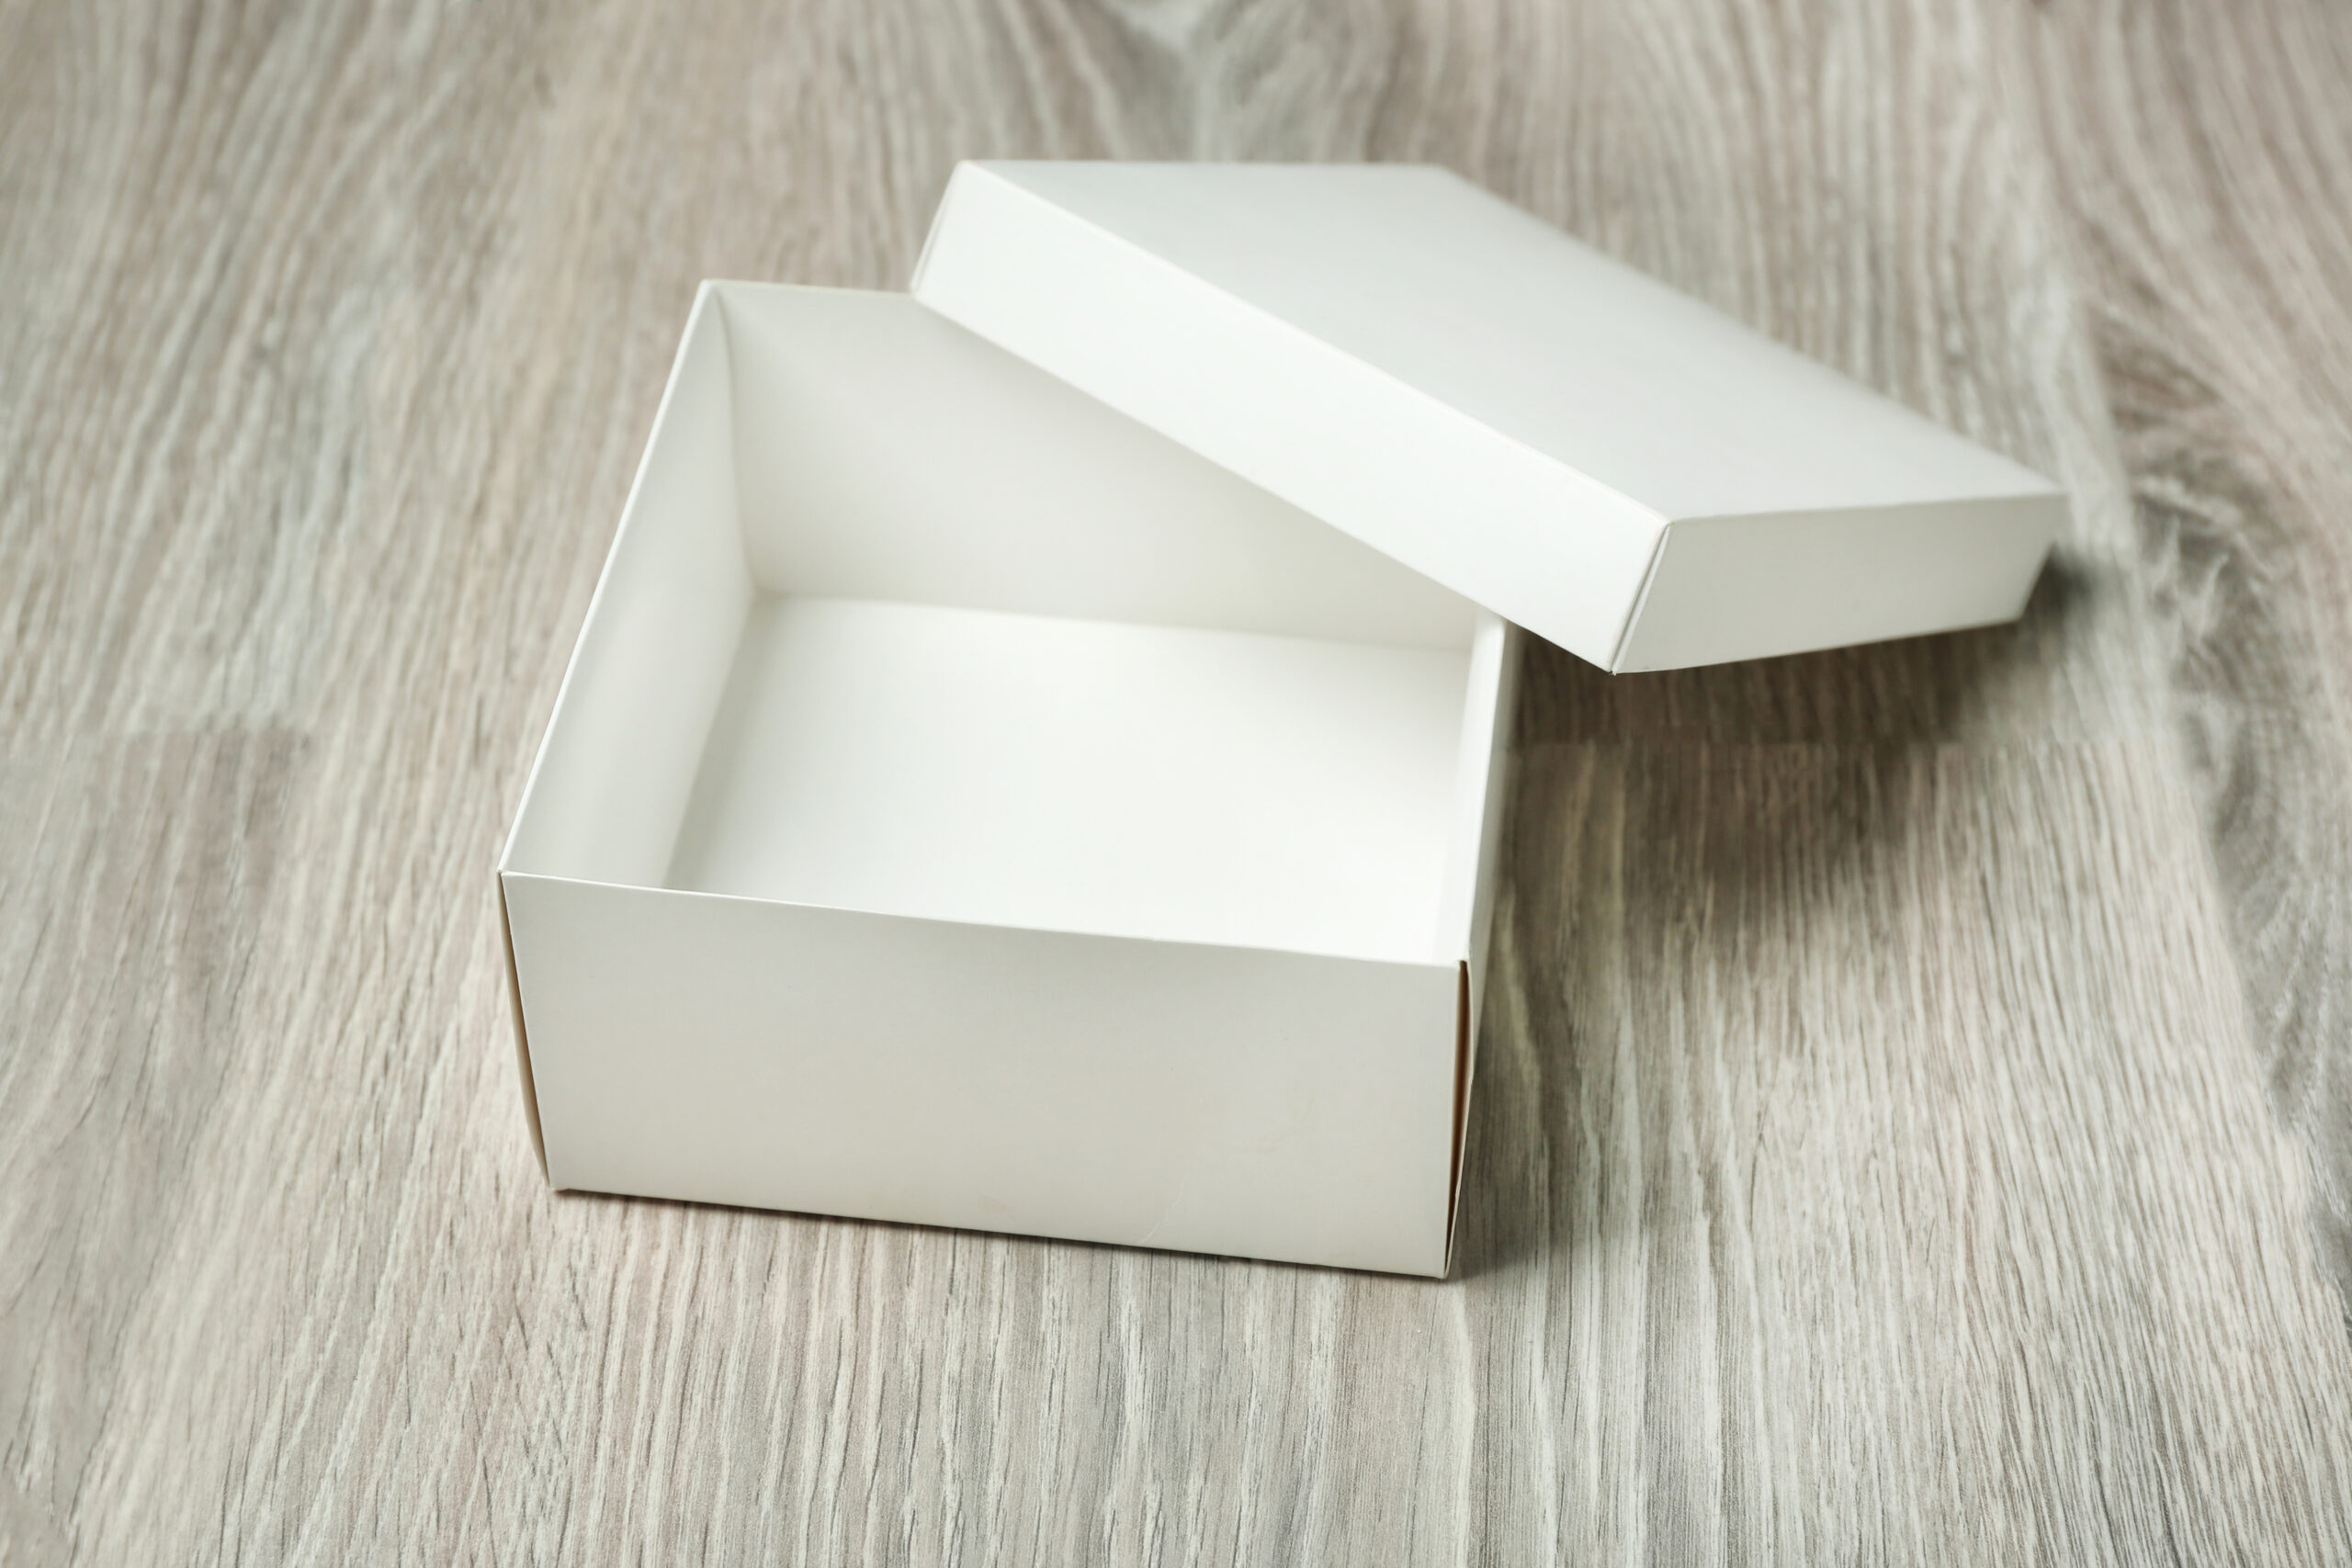 ③箱を使って捕まえる